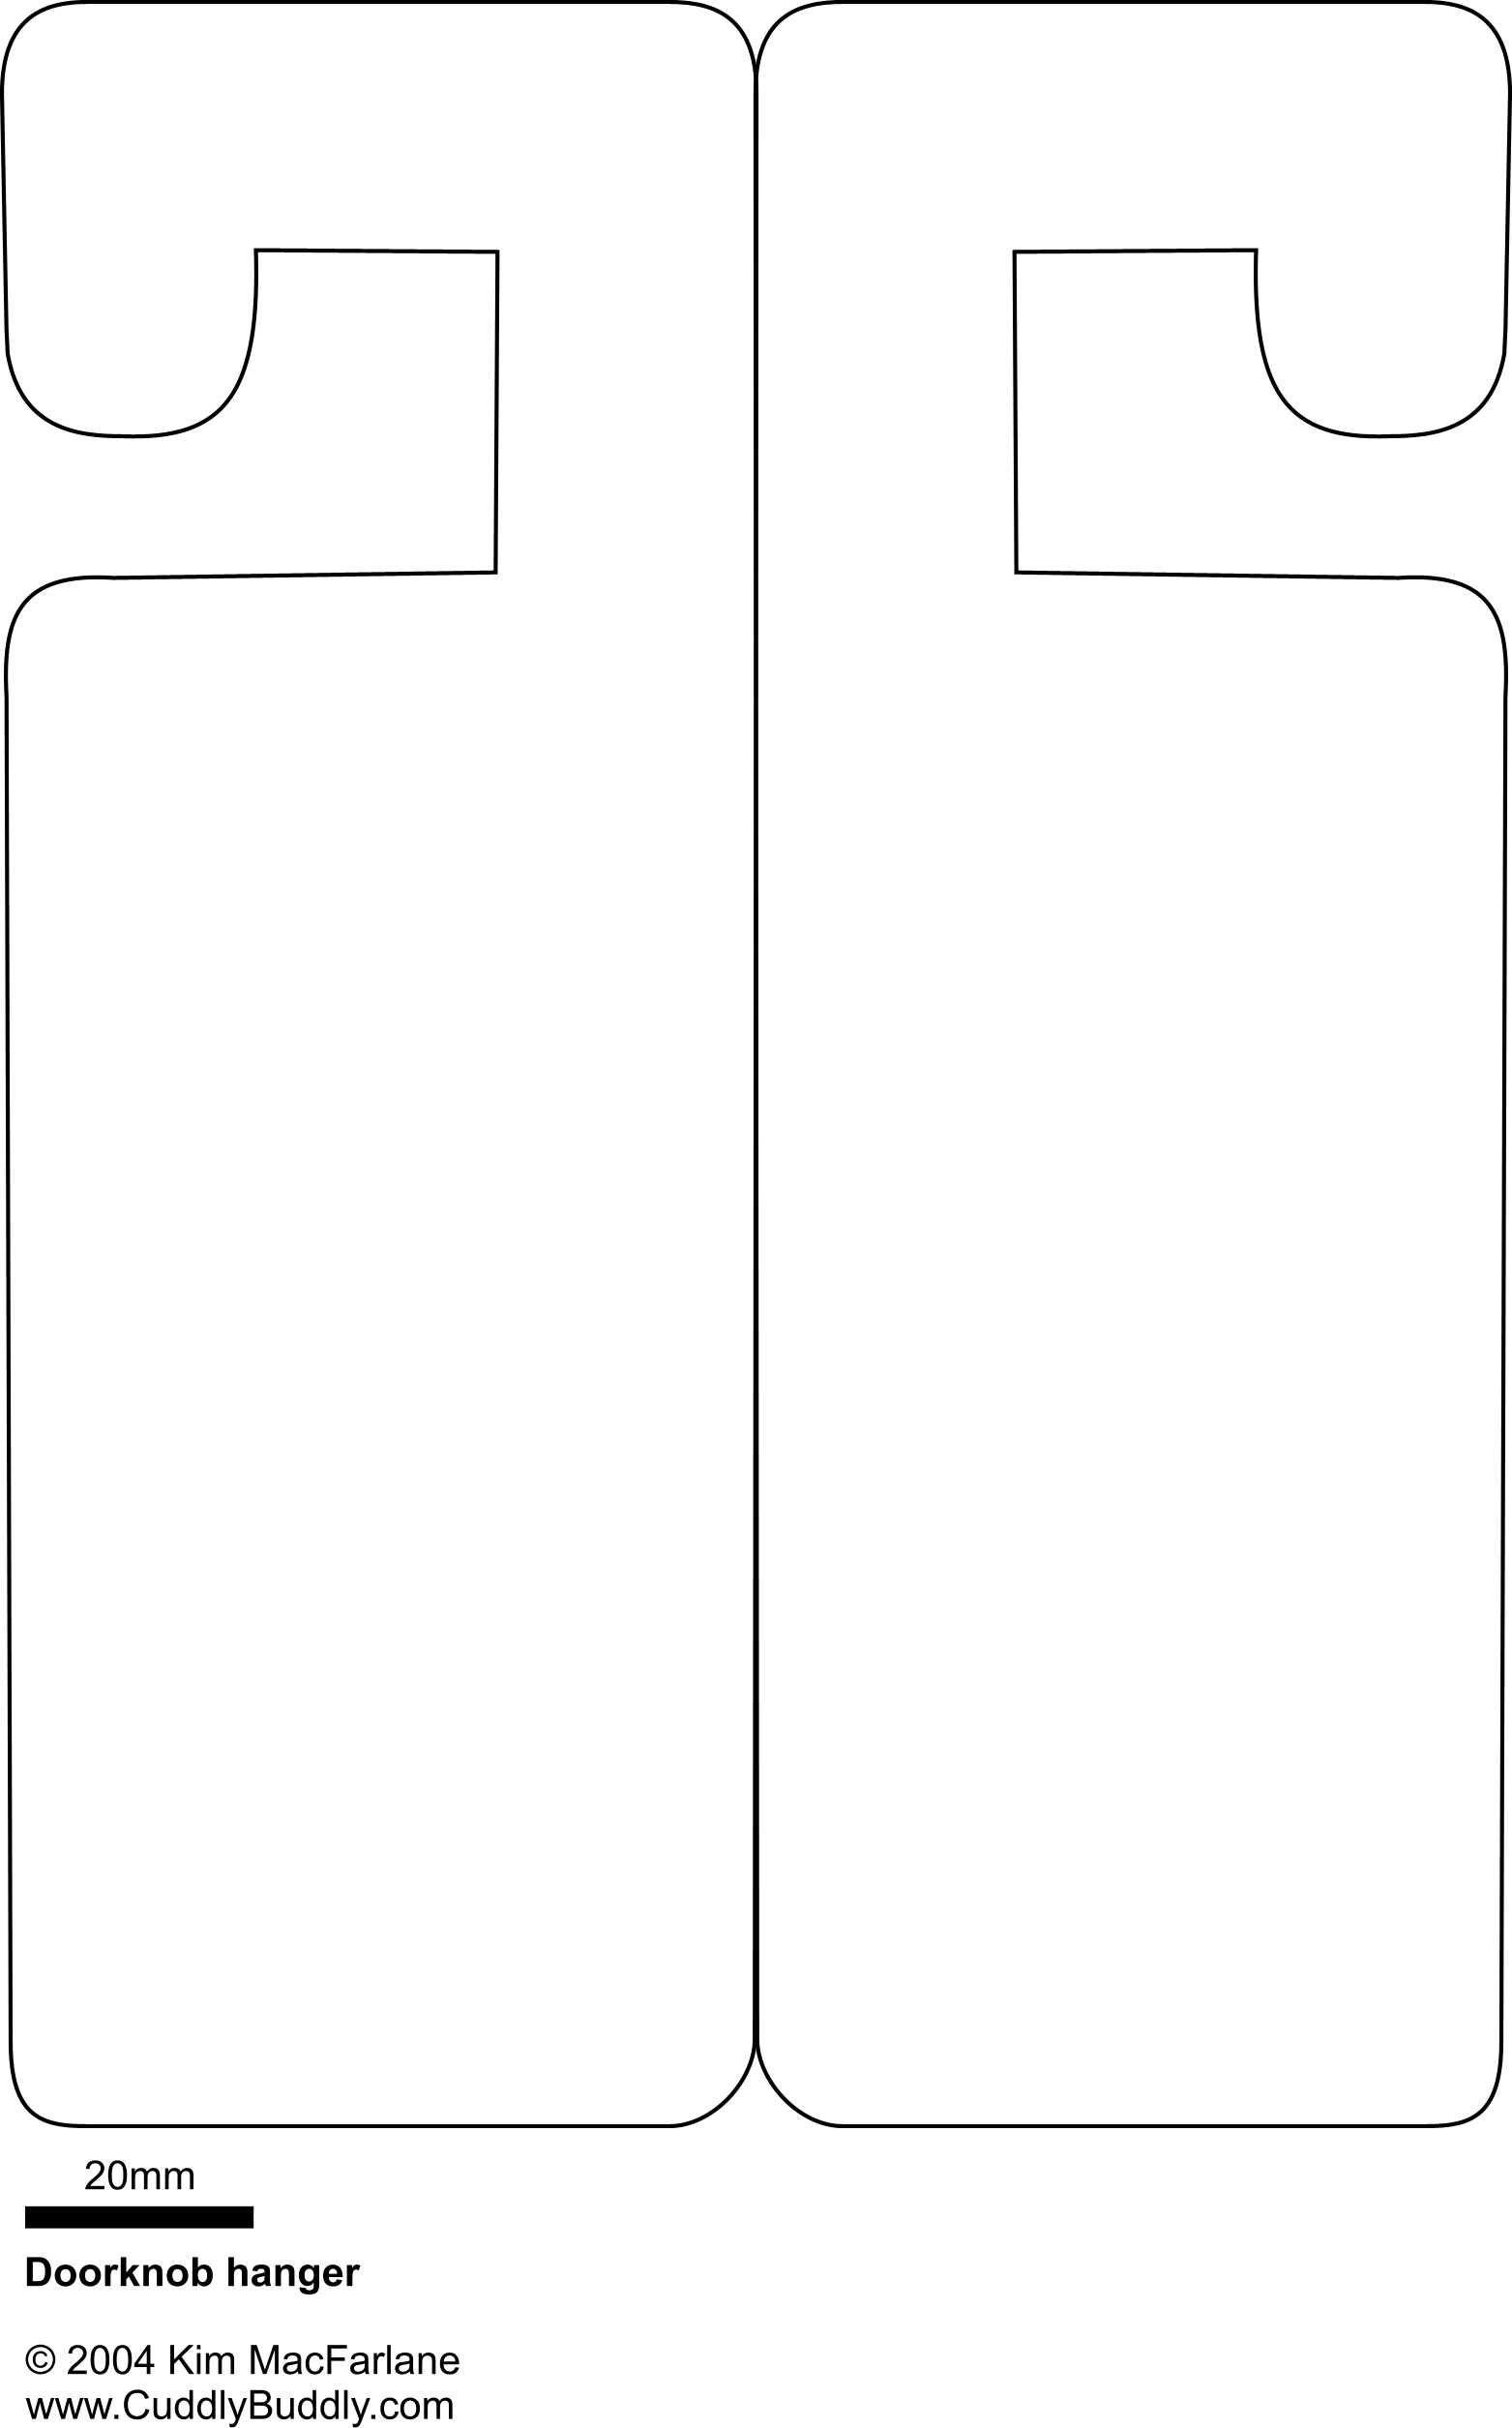 Door Hanger Template - You Will Have To Have The Door Closed To - Free Printable Door Knob Hanger Template